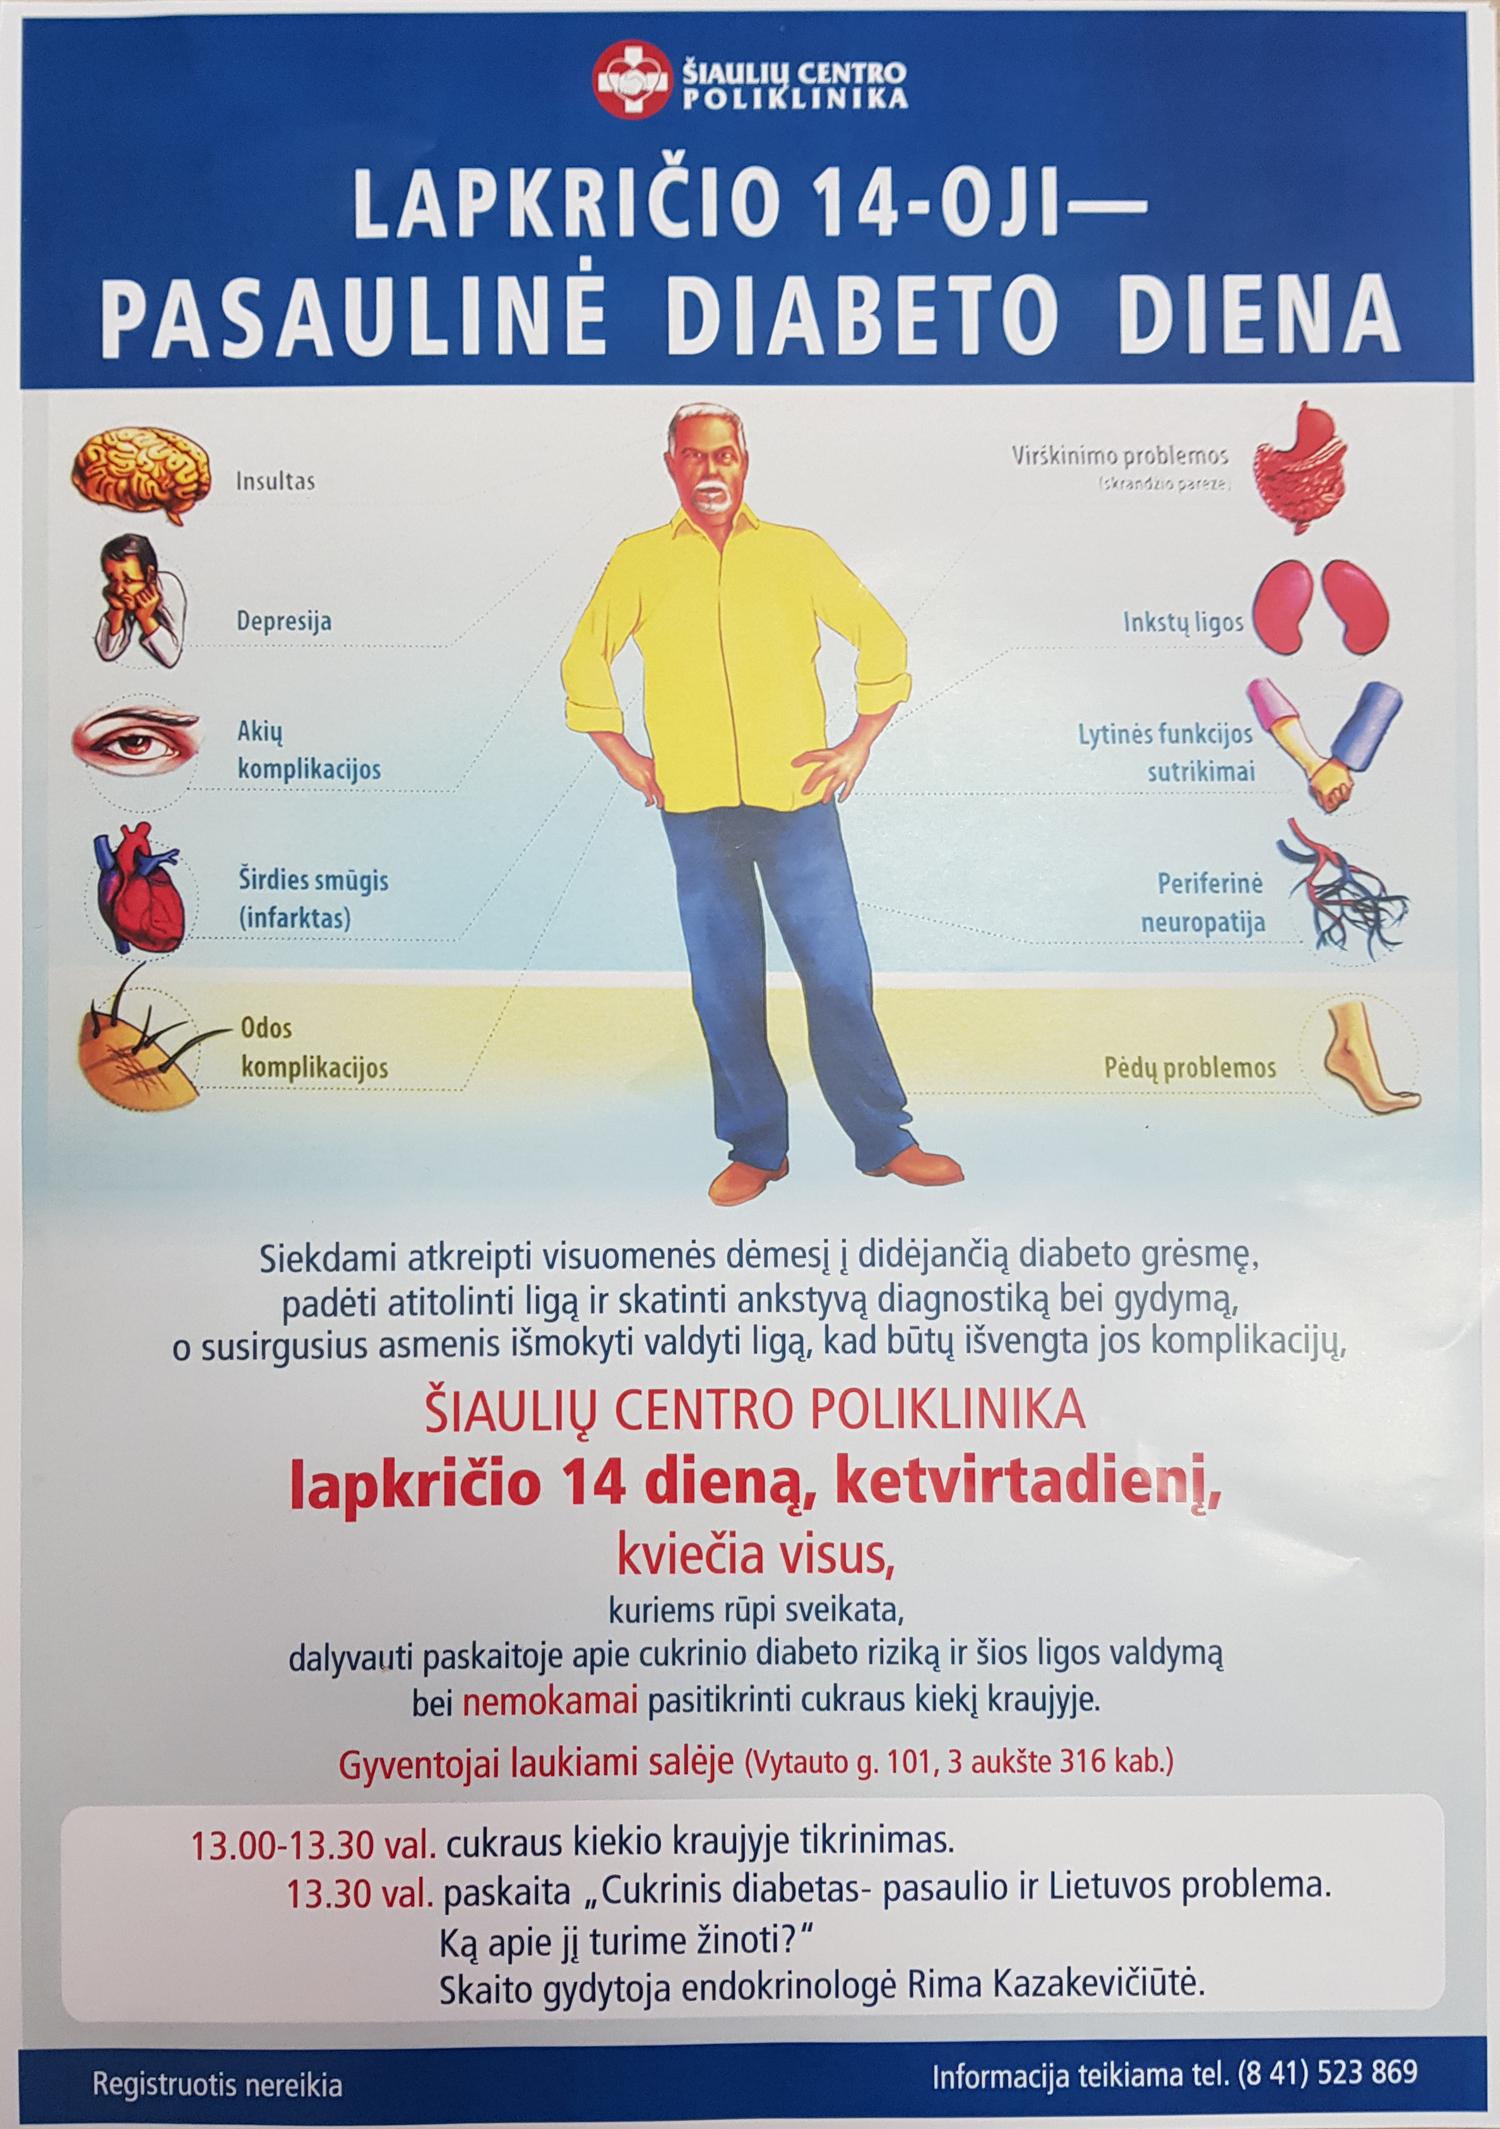 hipertenzija cukrinio diabeto fone vaistas kraujospūdžiui normalizuoti esant hipertenzijai